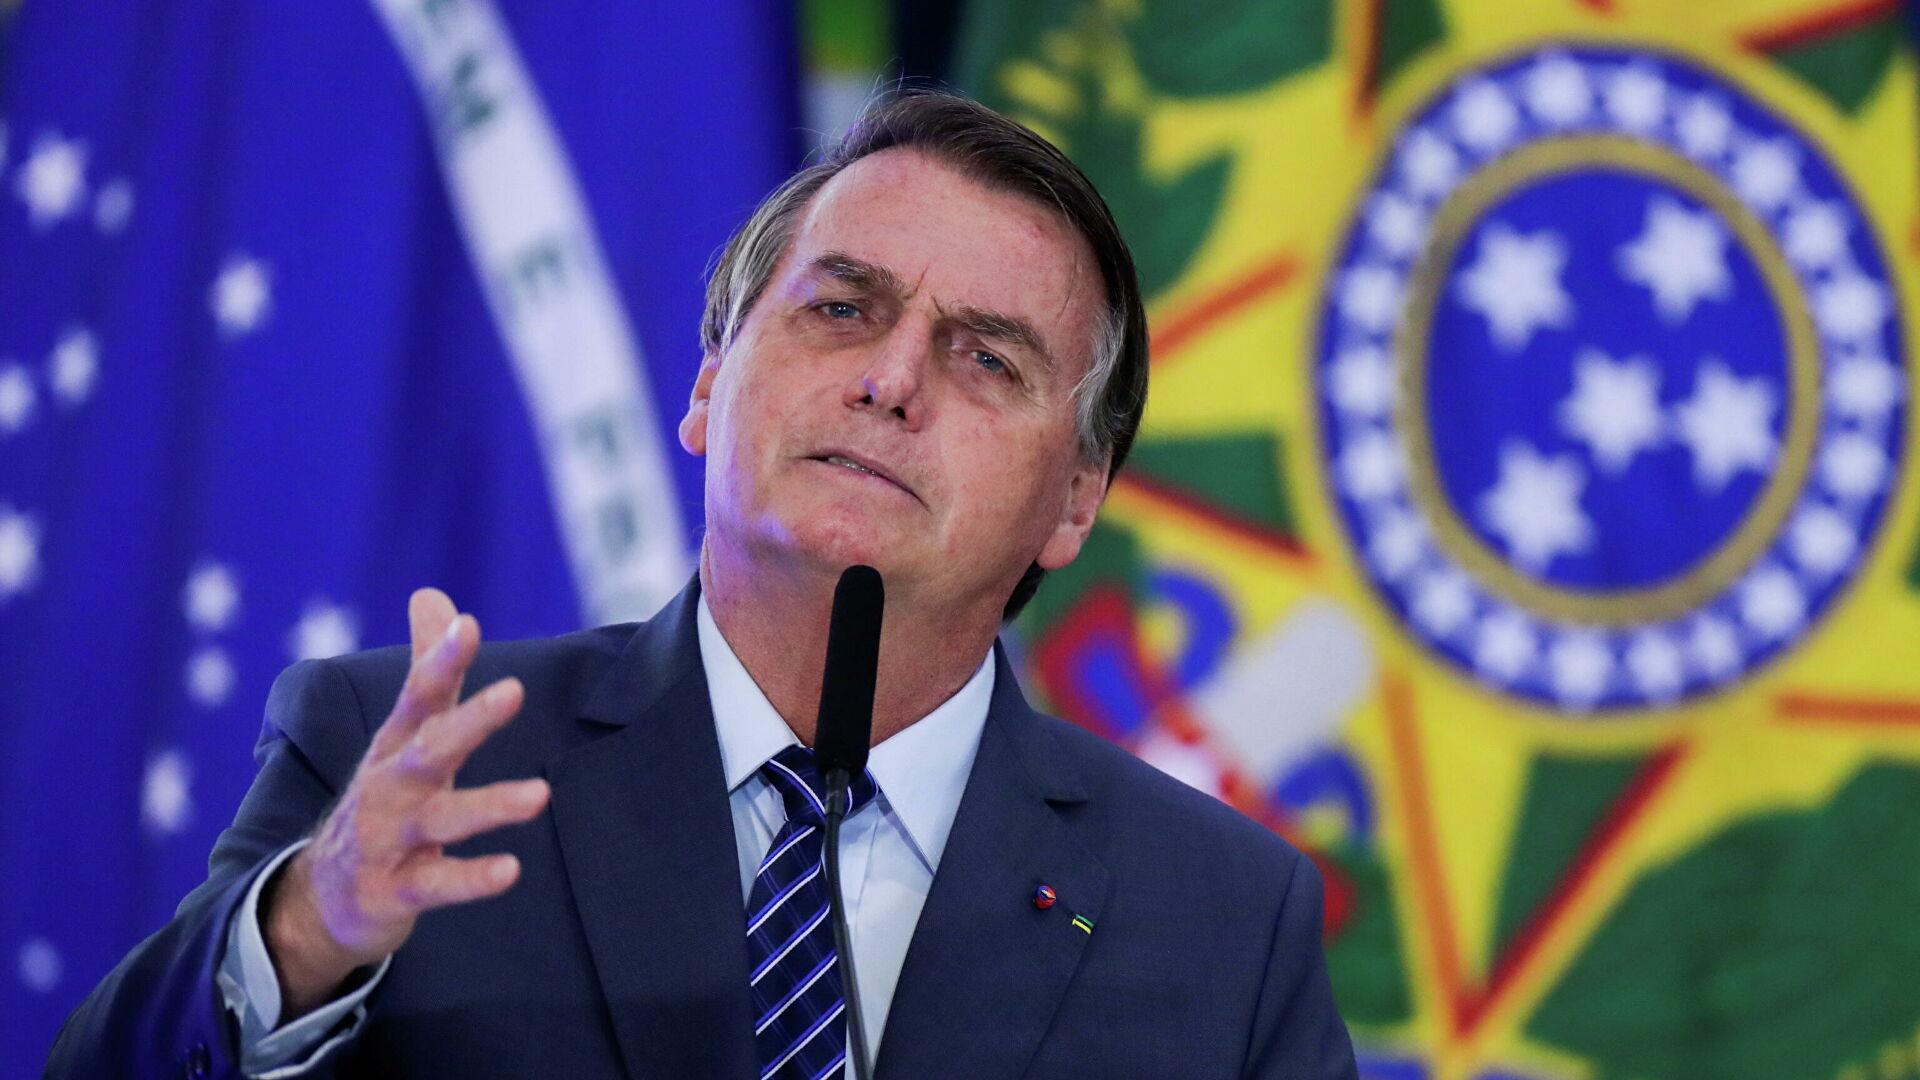 Los médicos de Bolsonaro analizan una operación de emergencia por una obstrucción intestinal